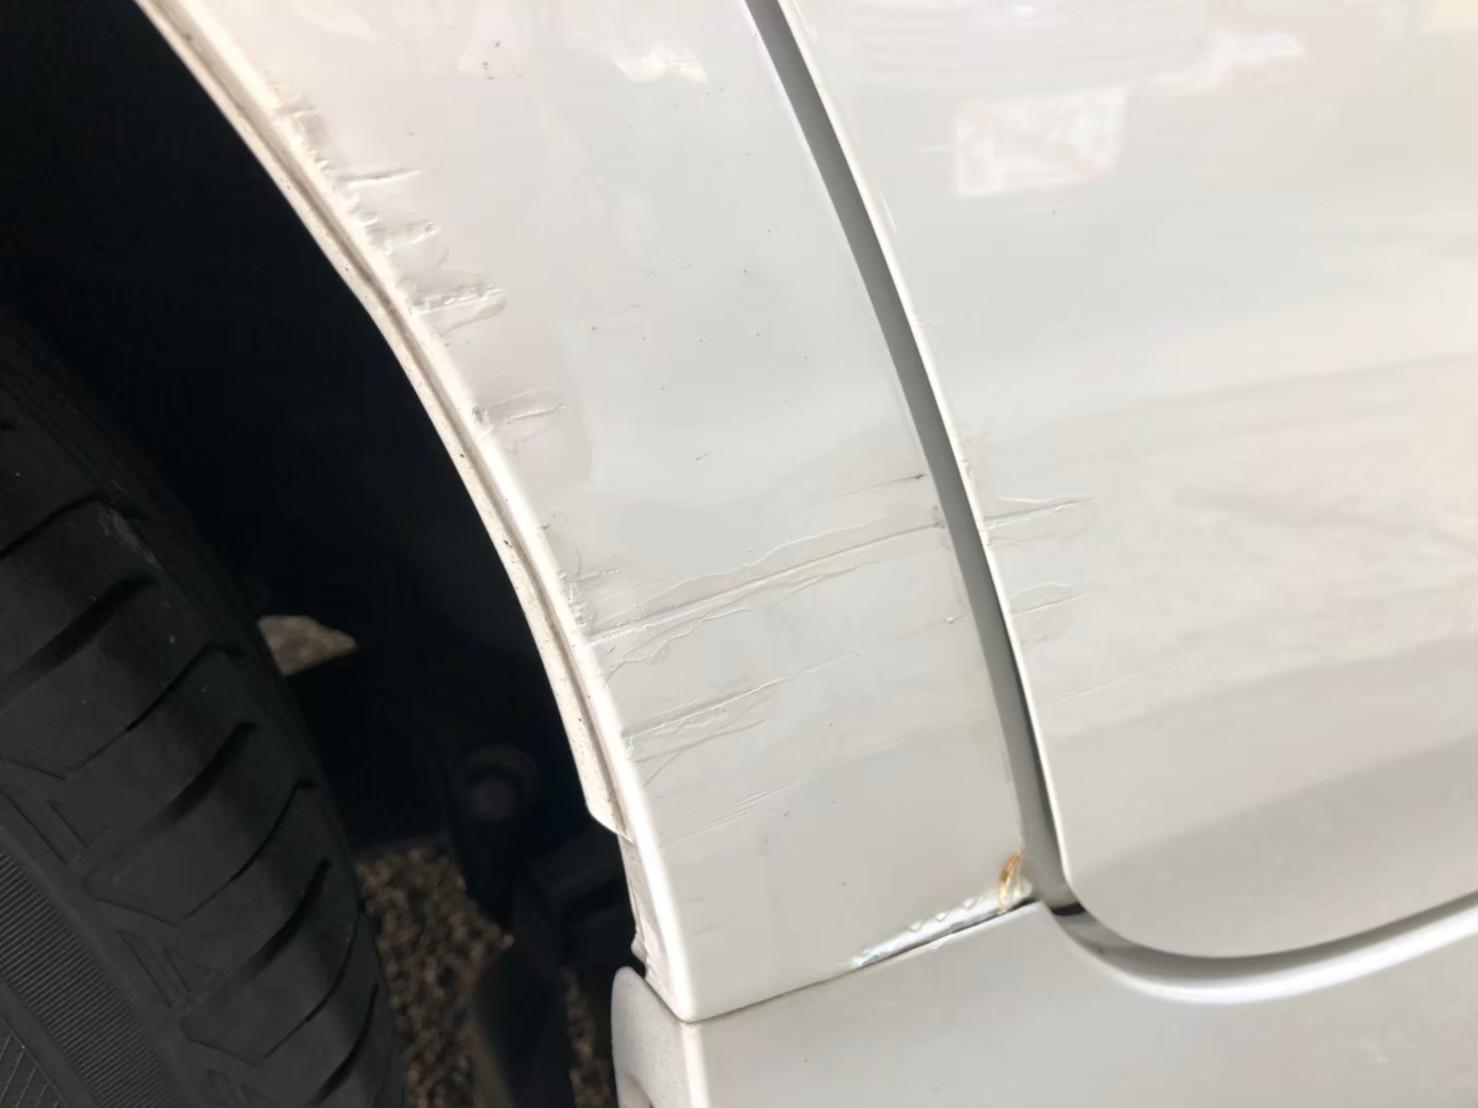 22年式プリウス 運転席後ろ リアバンパー板金修理 リピーター様